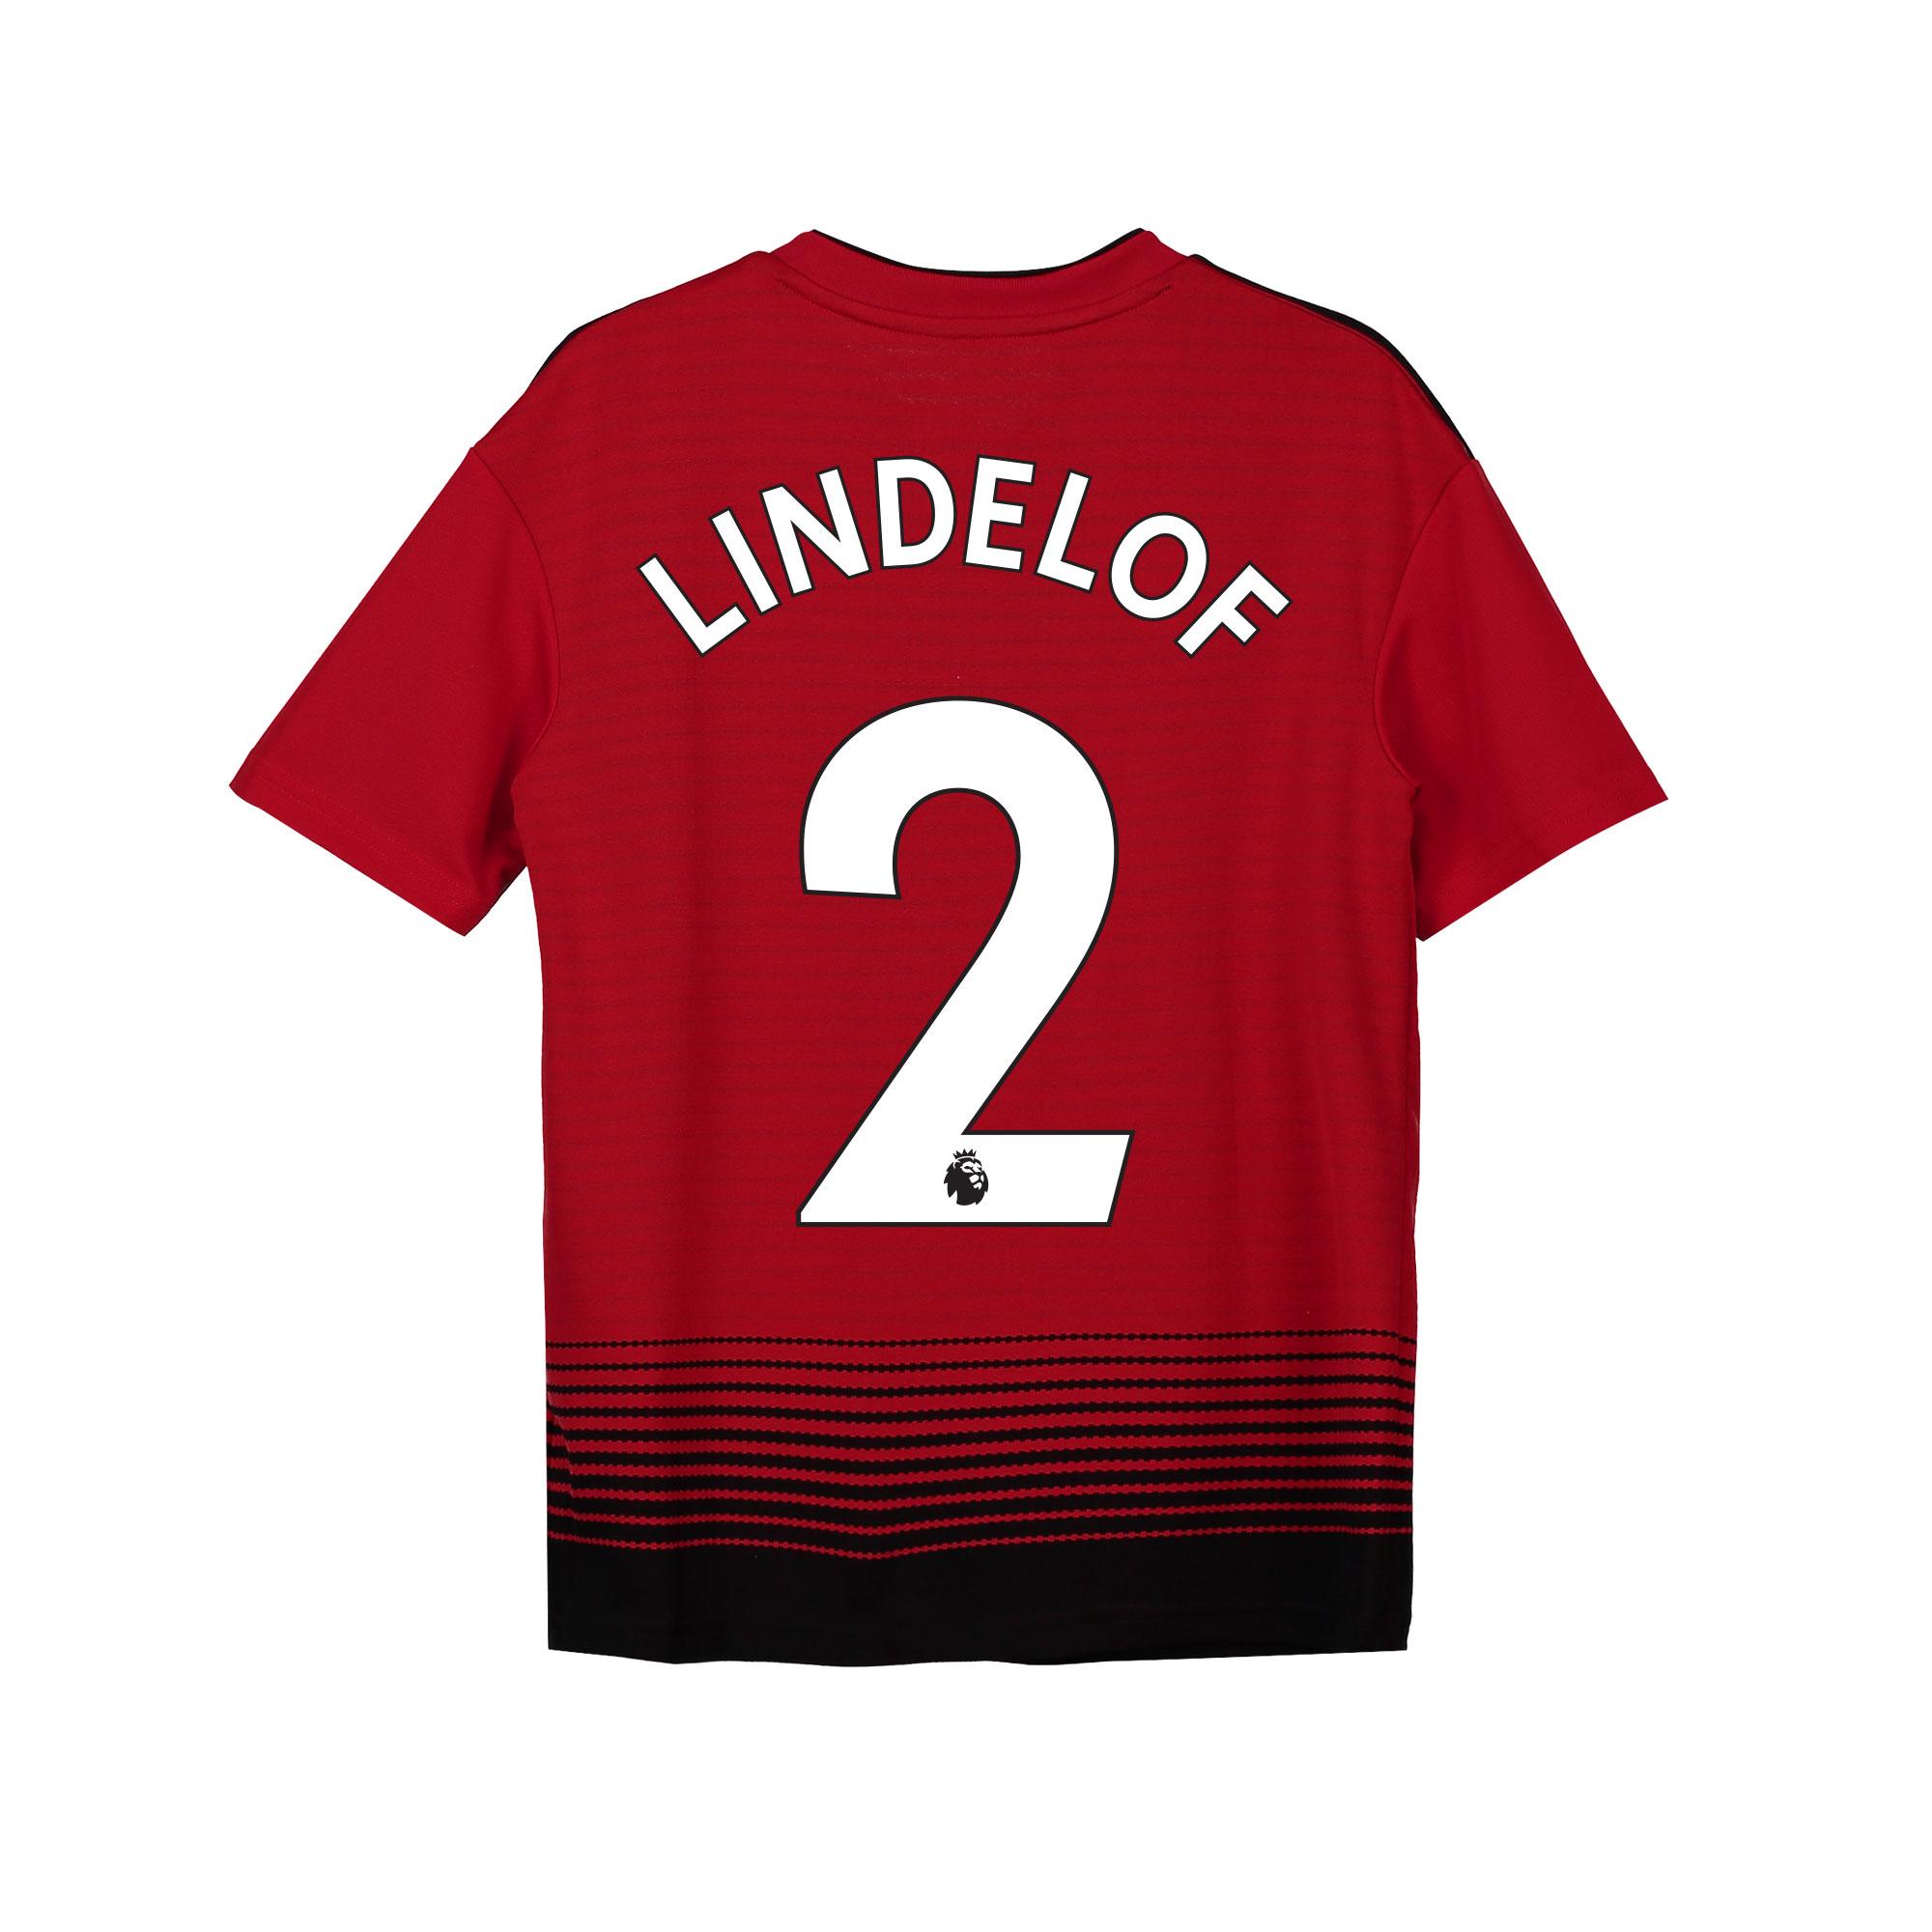 Camiseta de la equipación local del Manchester United 2018-19 para niños dorsal Lindelof 2